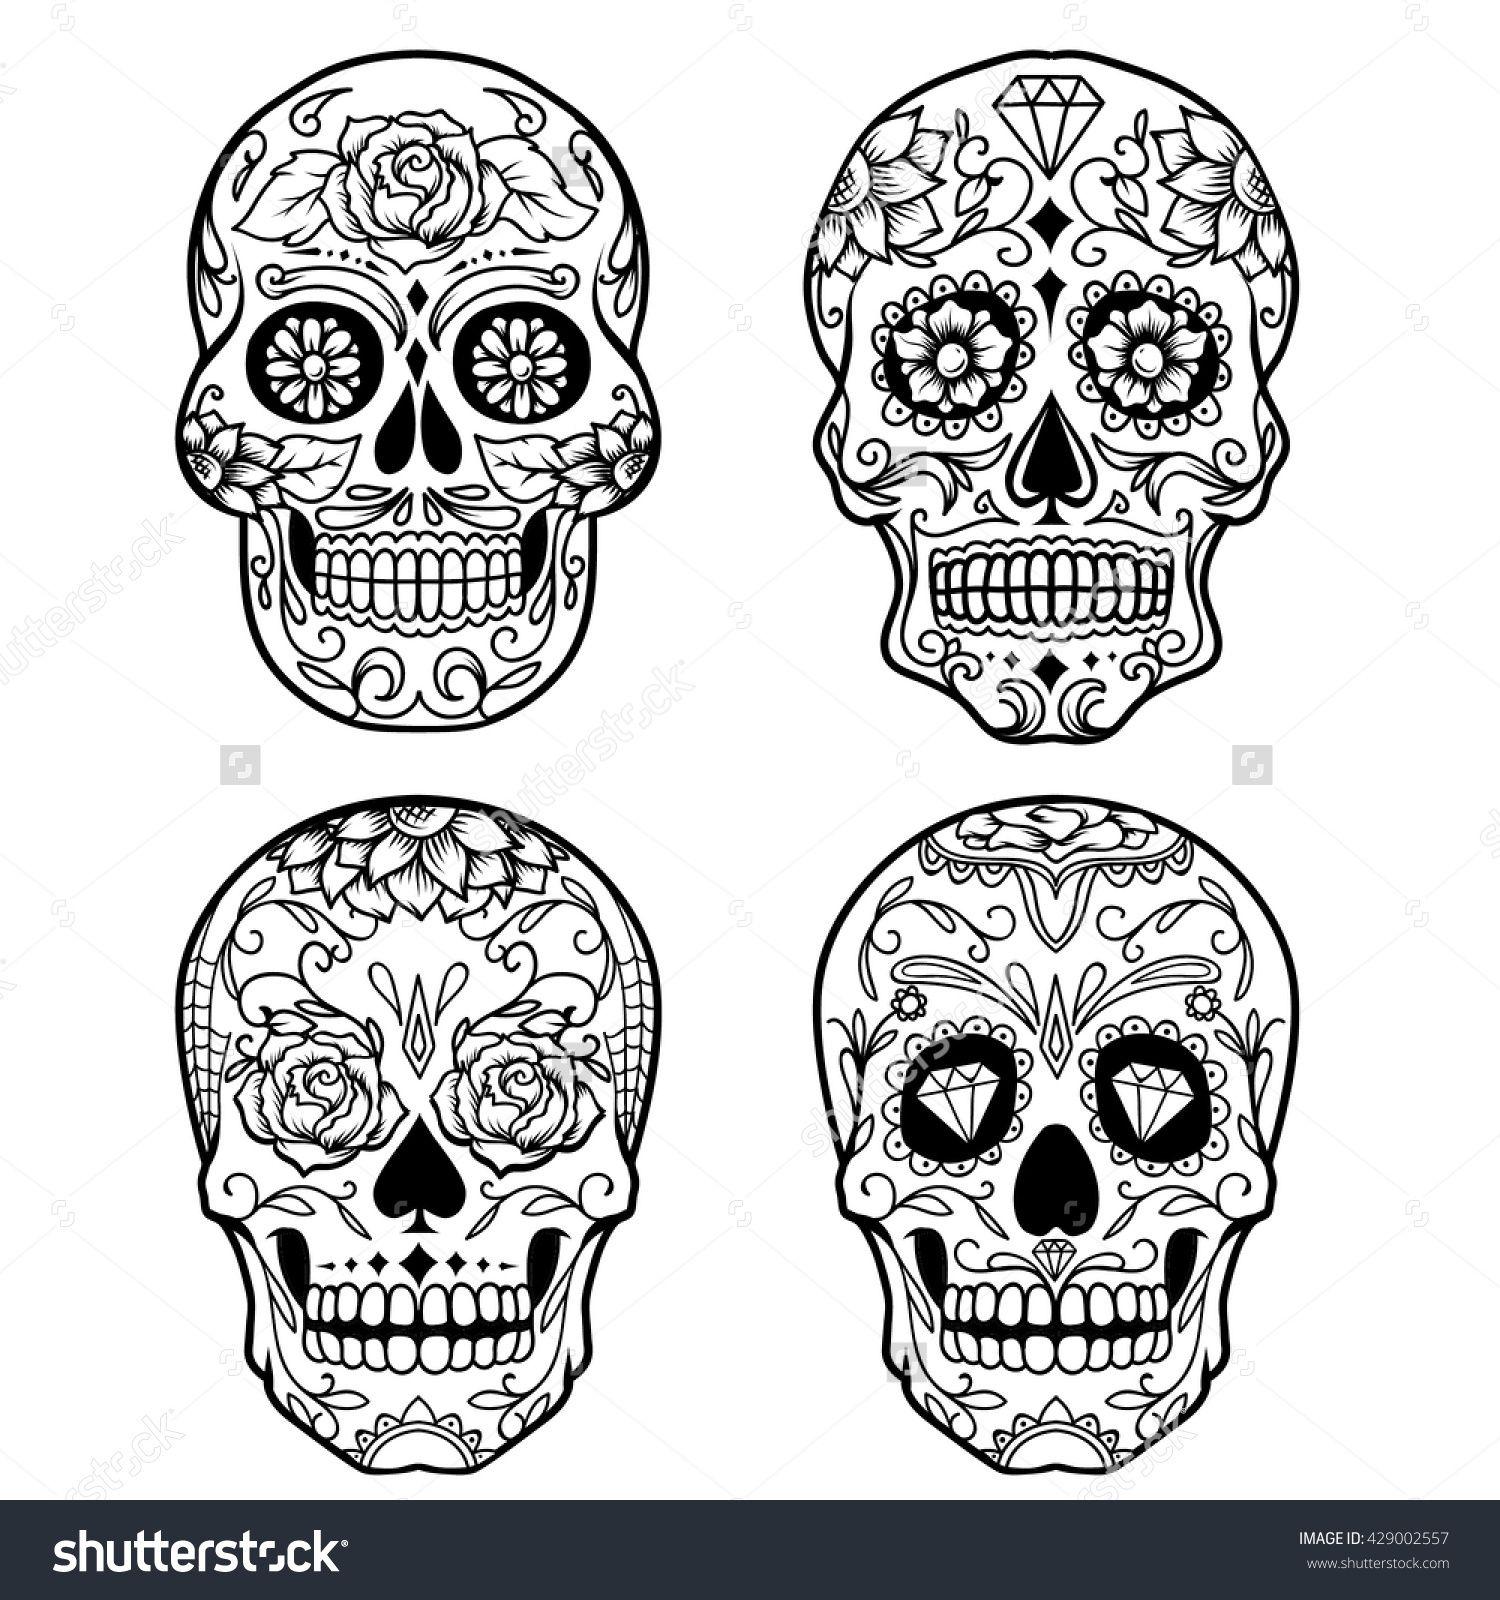 Day Of The Dead Sugar Skull Outline Tattoo Stock Vector Illustration Mexican Skull Tattoos Candy Skull Tattoo Candy Skull Tattoo For Men